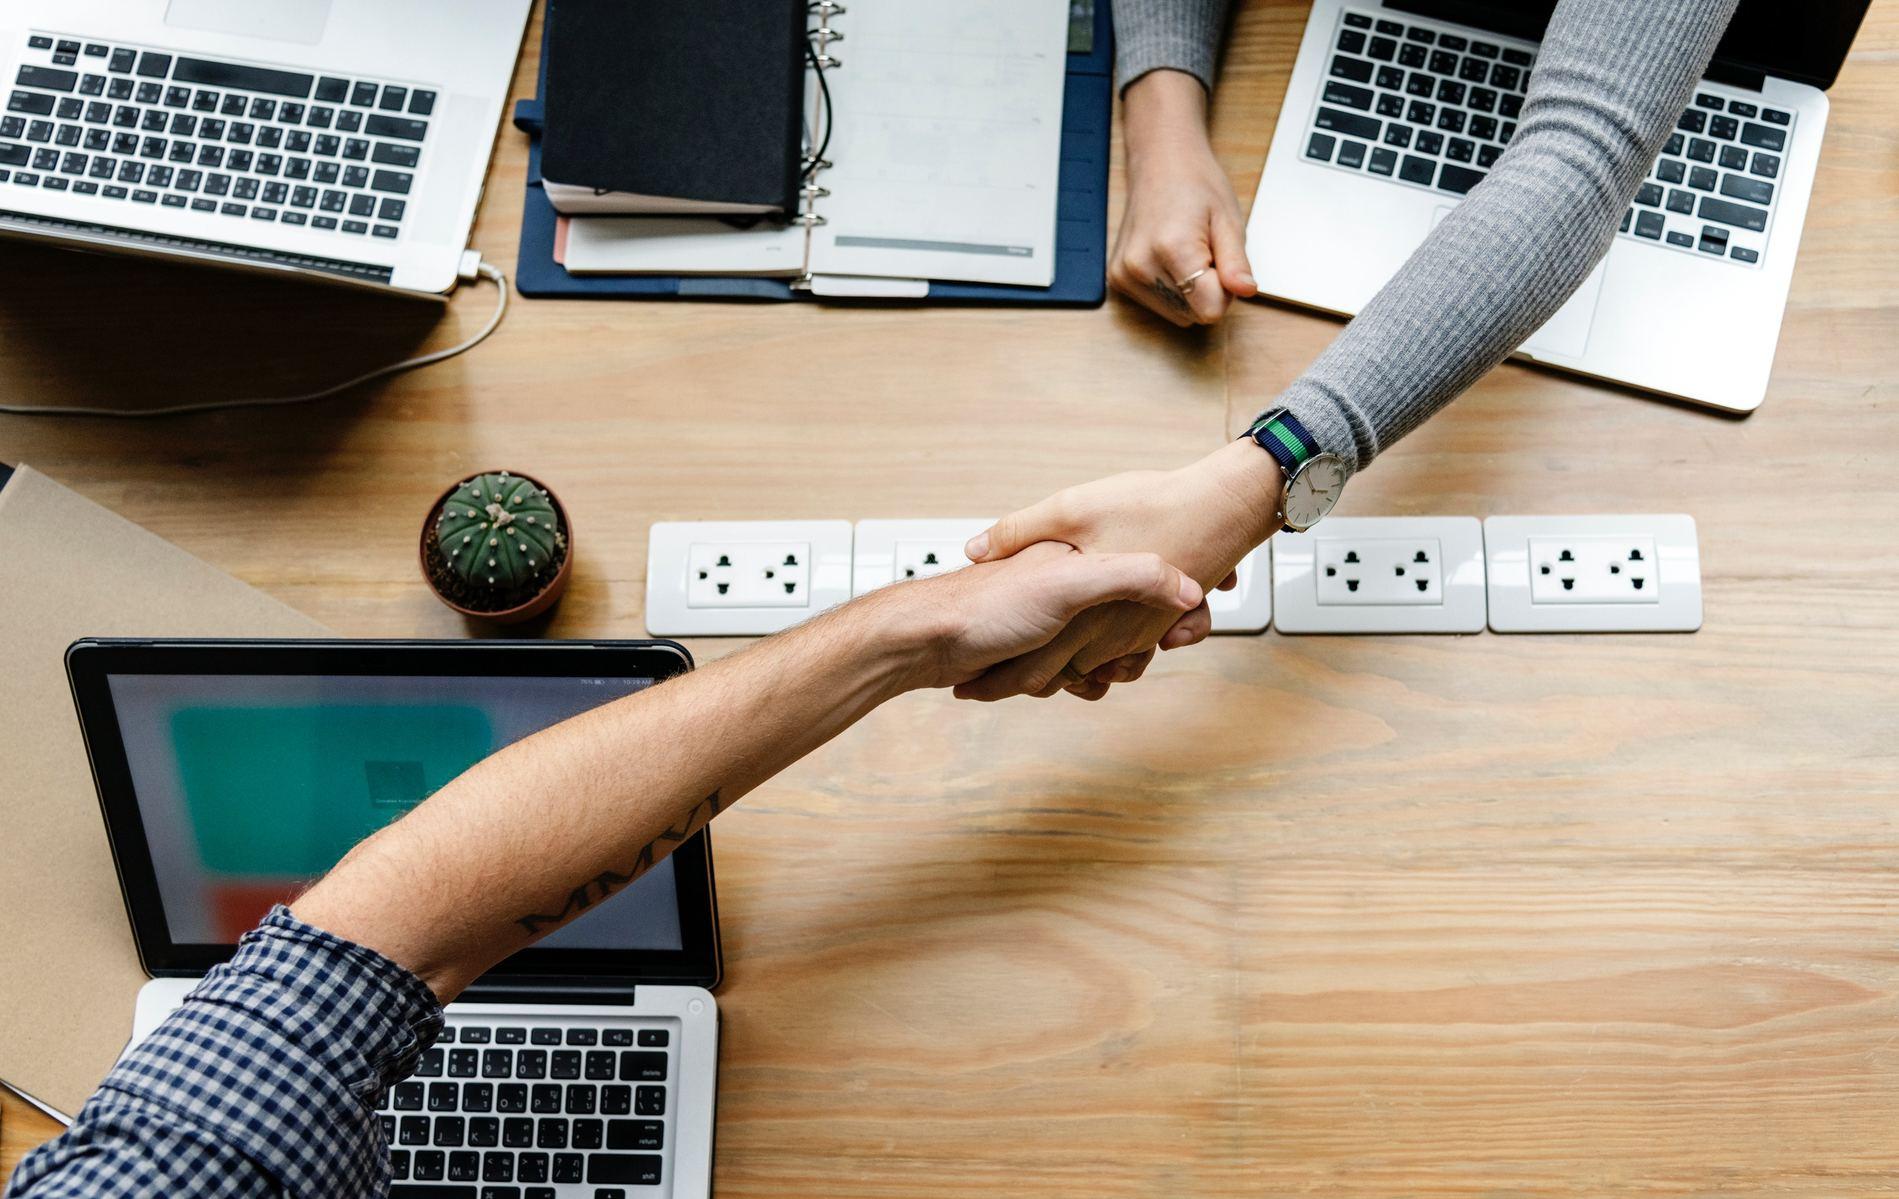 möblum-coworking_y_sus_diferentes_modalidades-coworking-espacios-negocios-networking-profesionales(1)